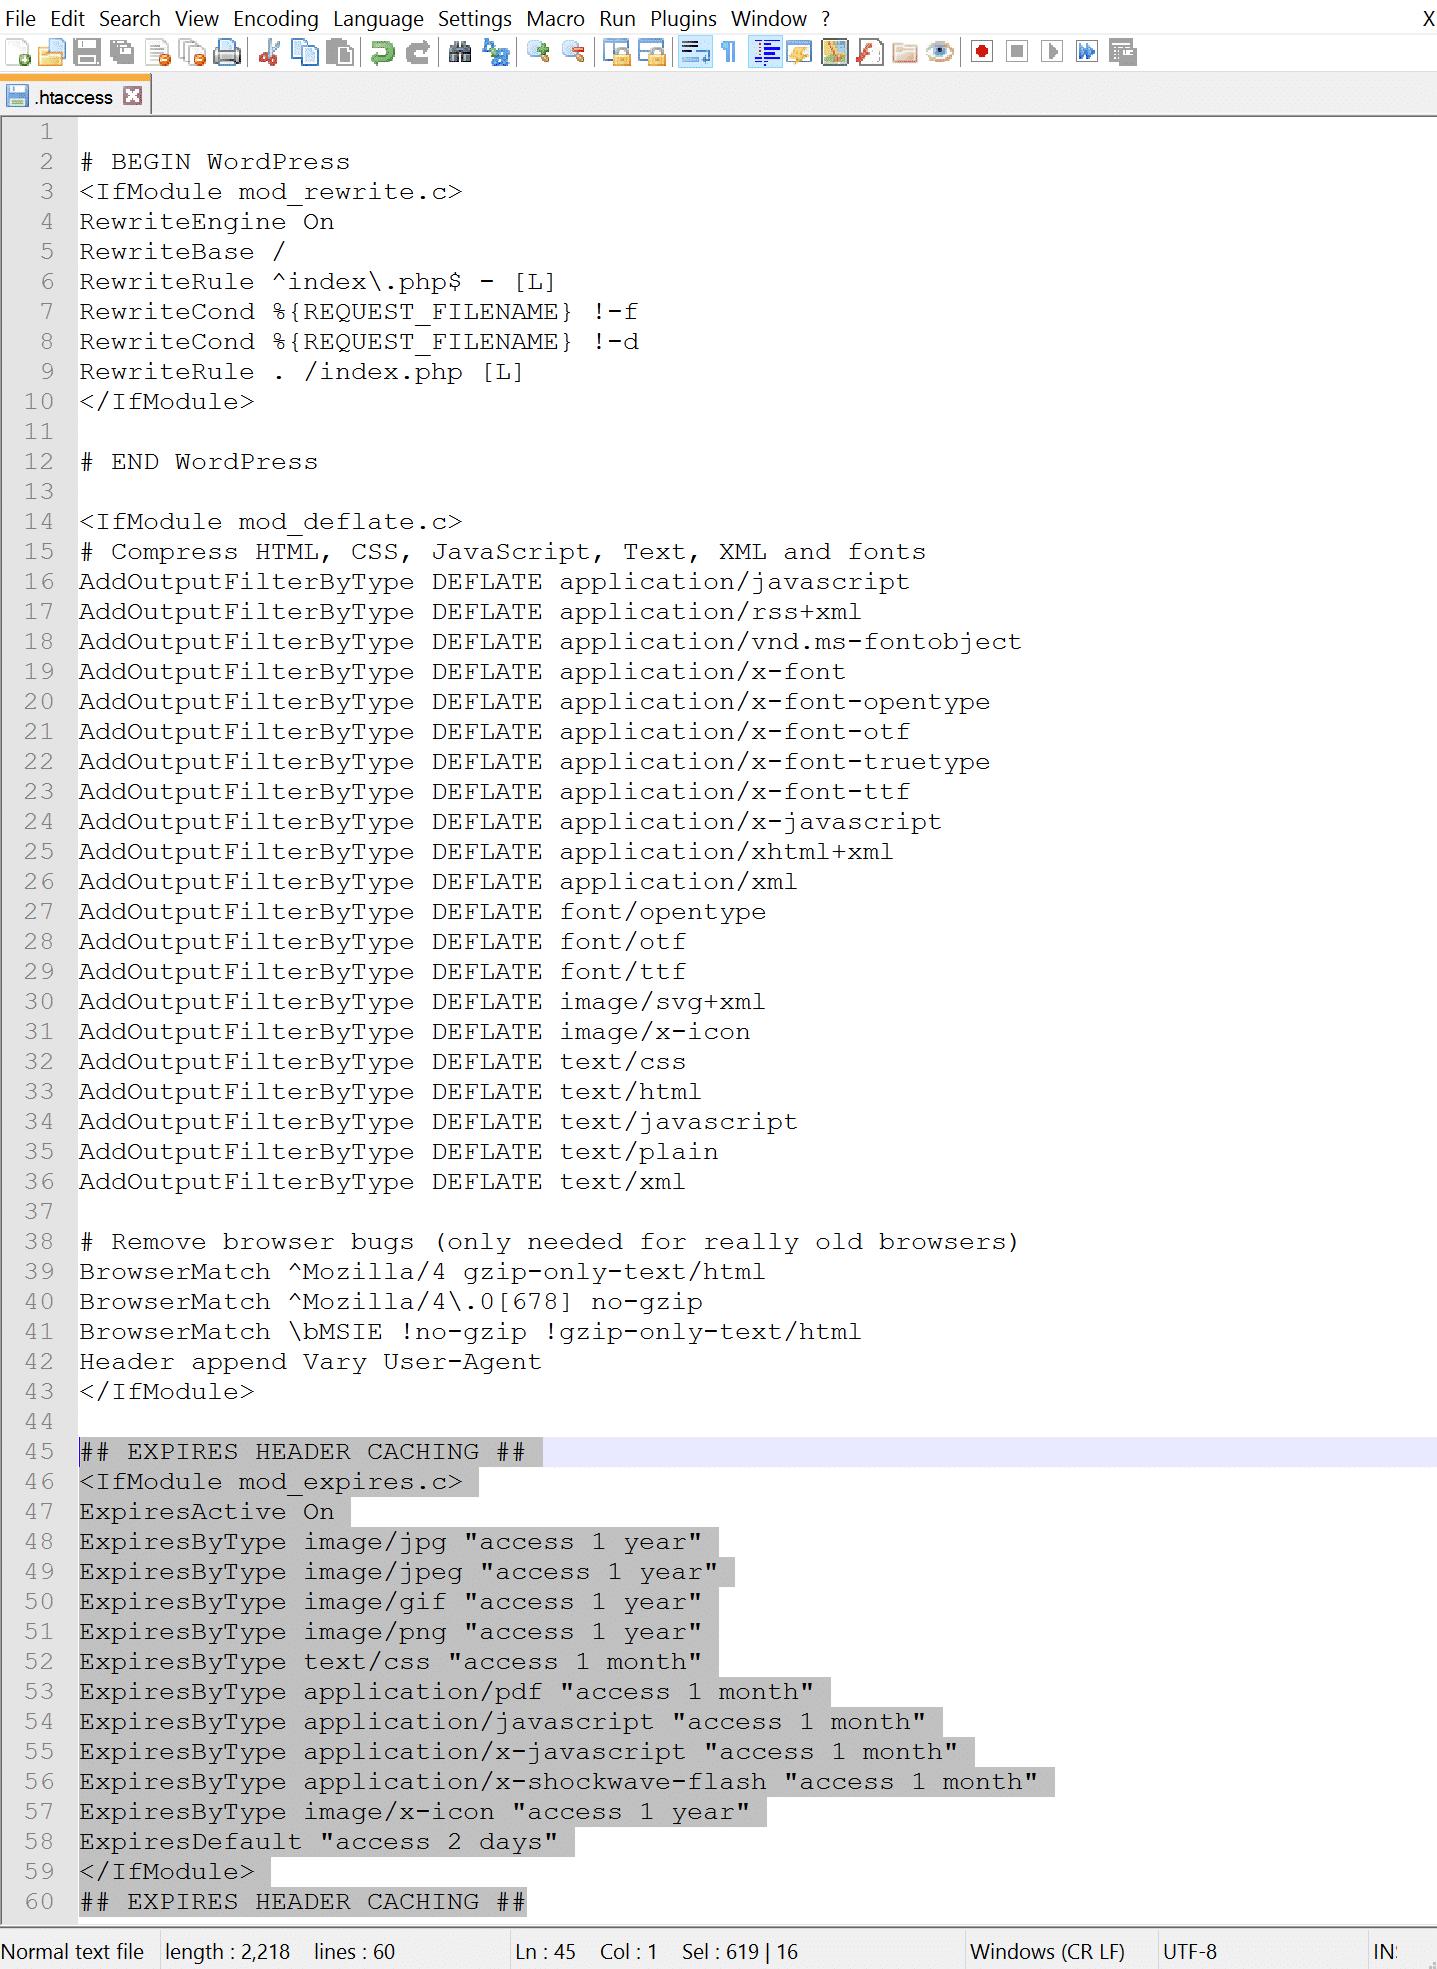 Adicionar cabeçalhos Expires ao .htaccess